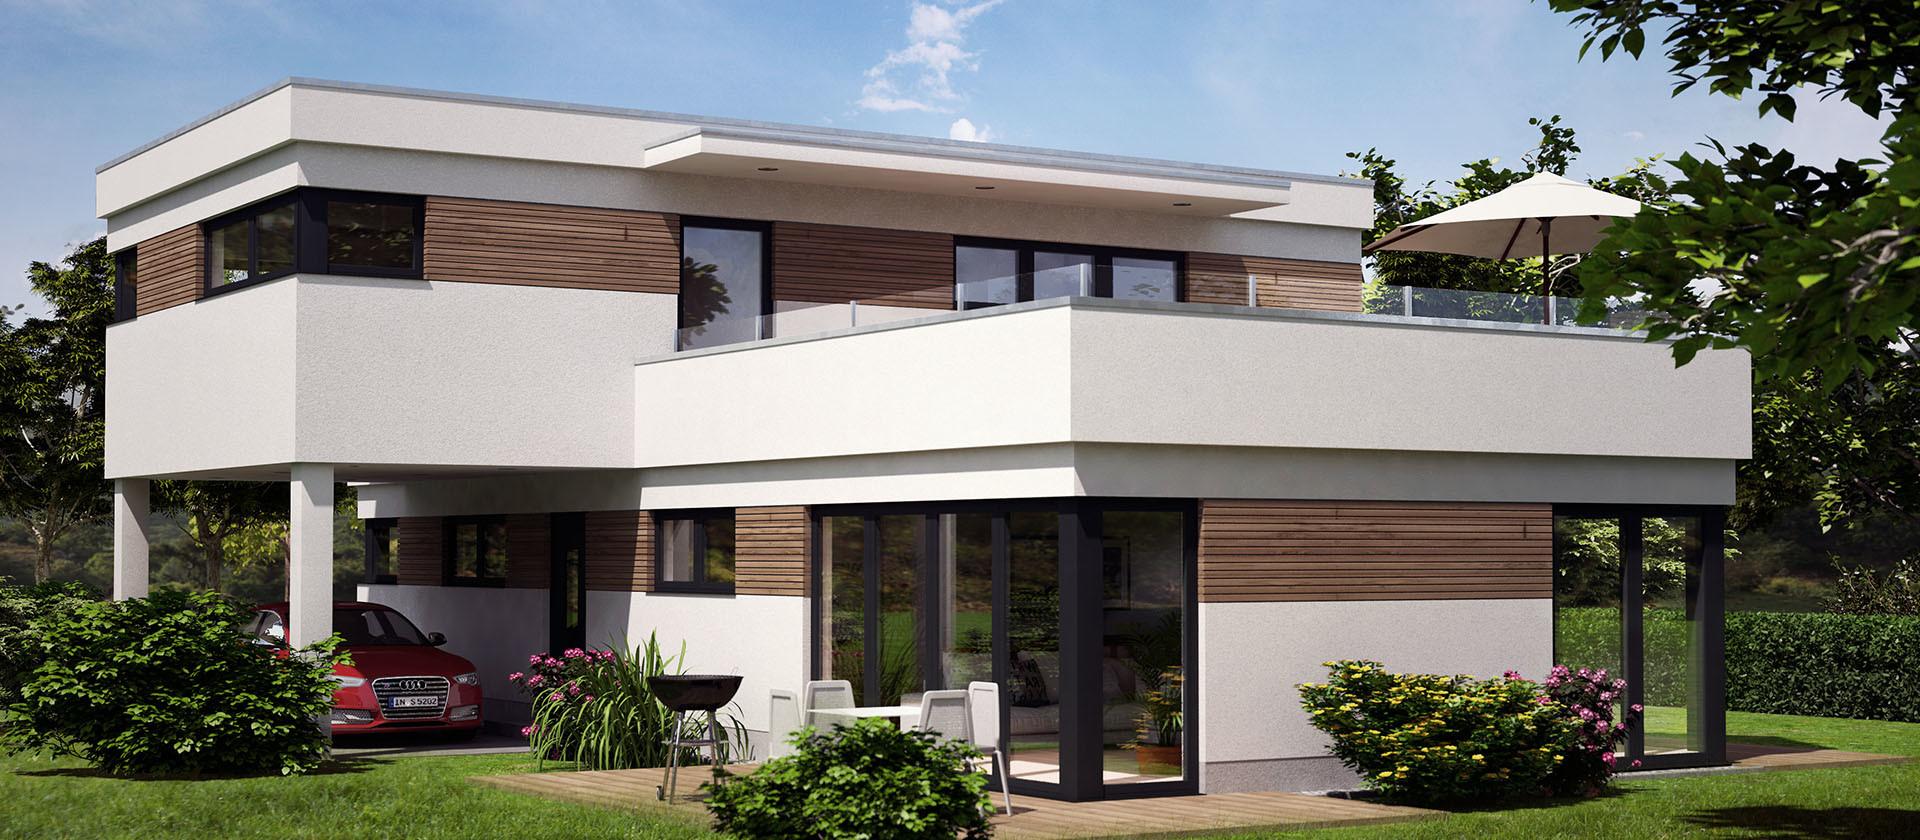 Architektur Visualisierung eines modernen Hauses in München Poing